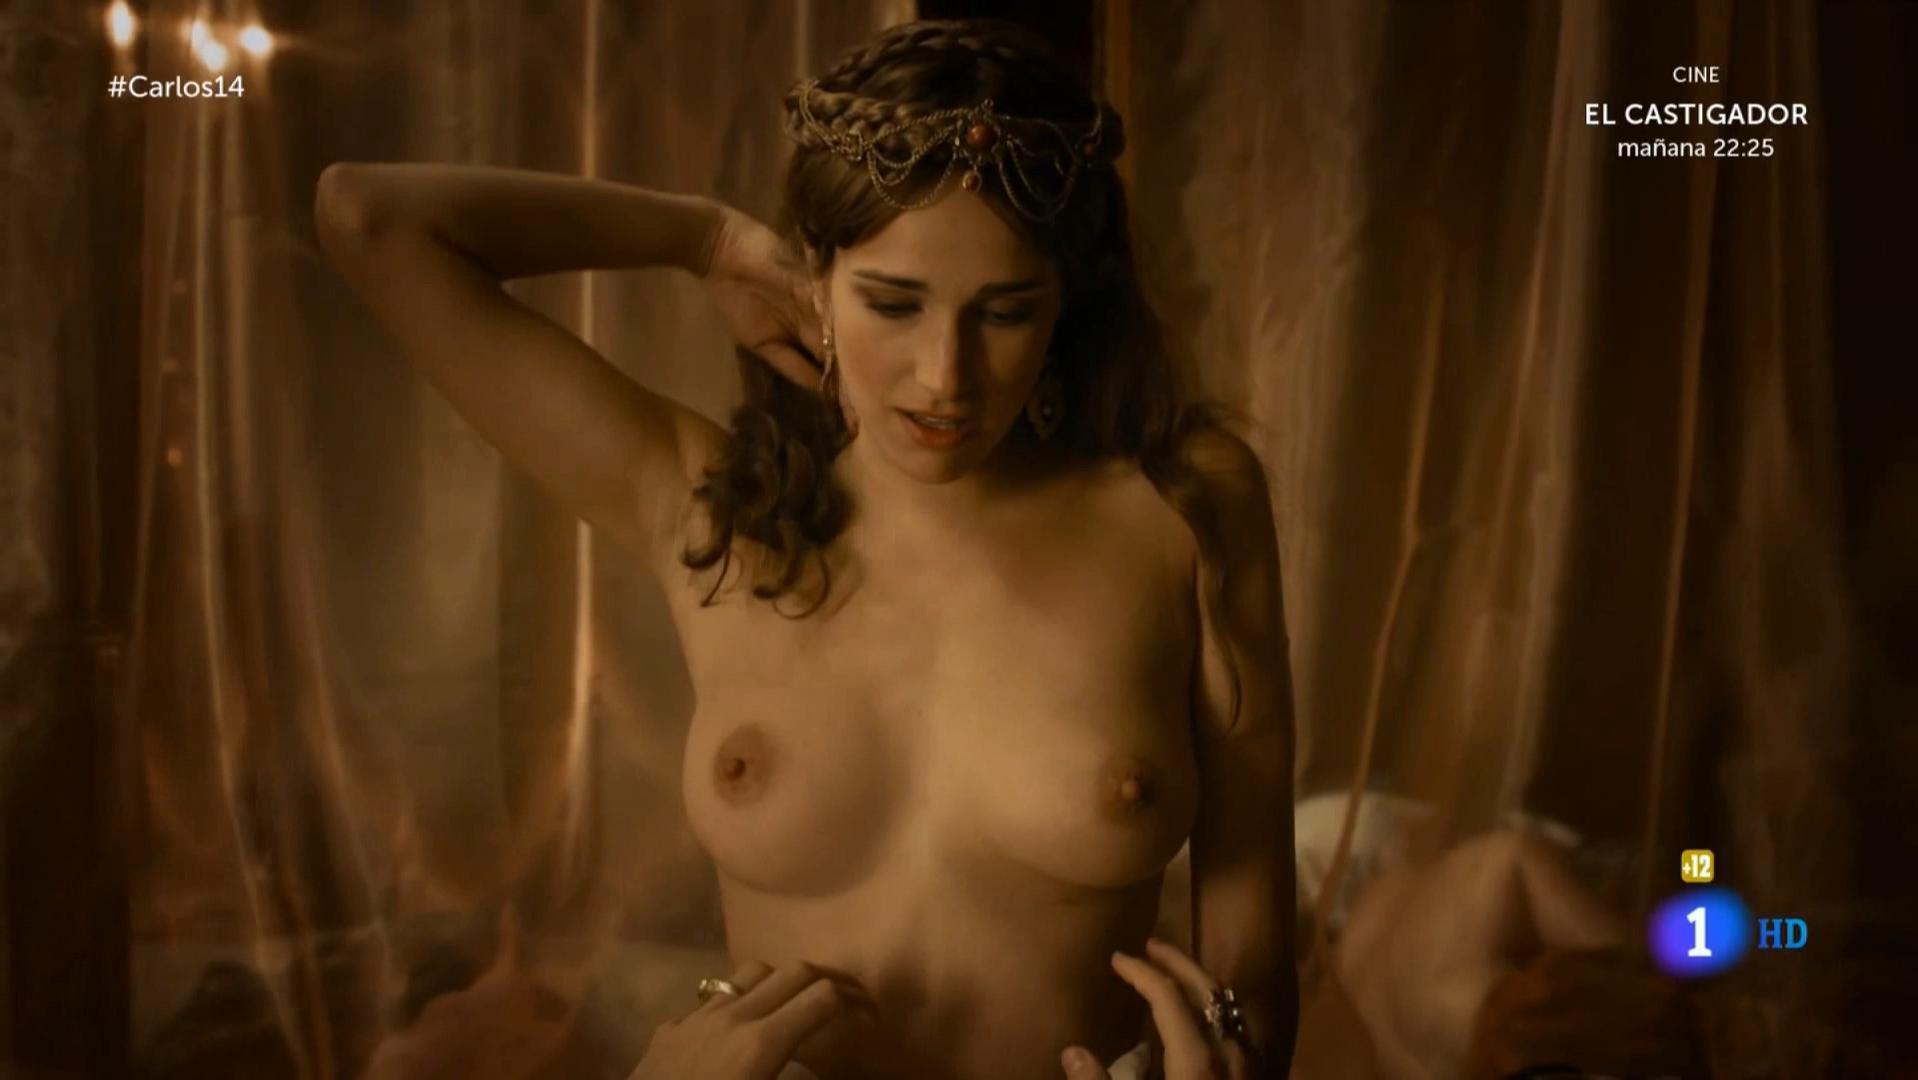 Ariana Martinez nude - Carlos, Rey Emperador s01e14 (2016)